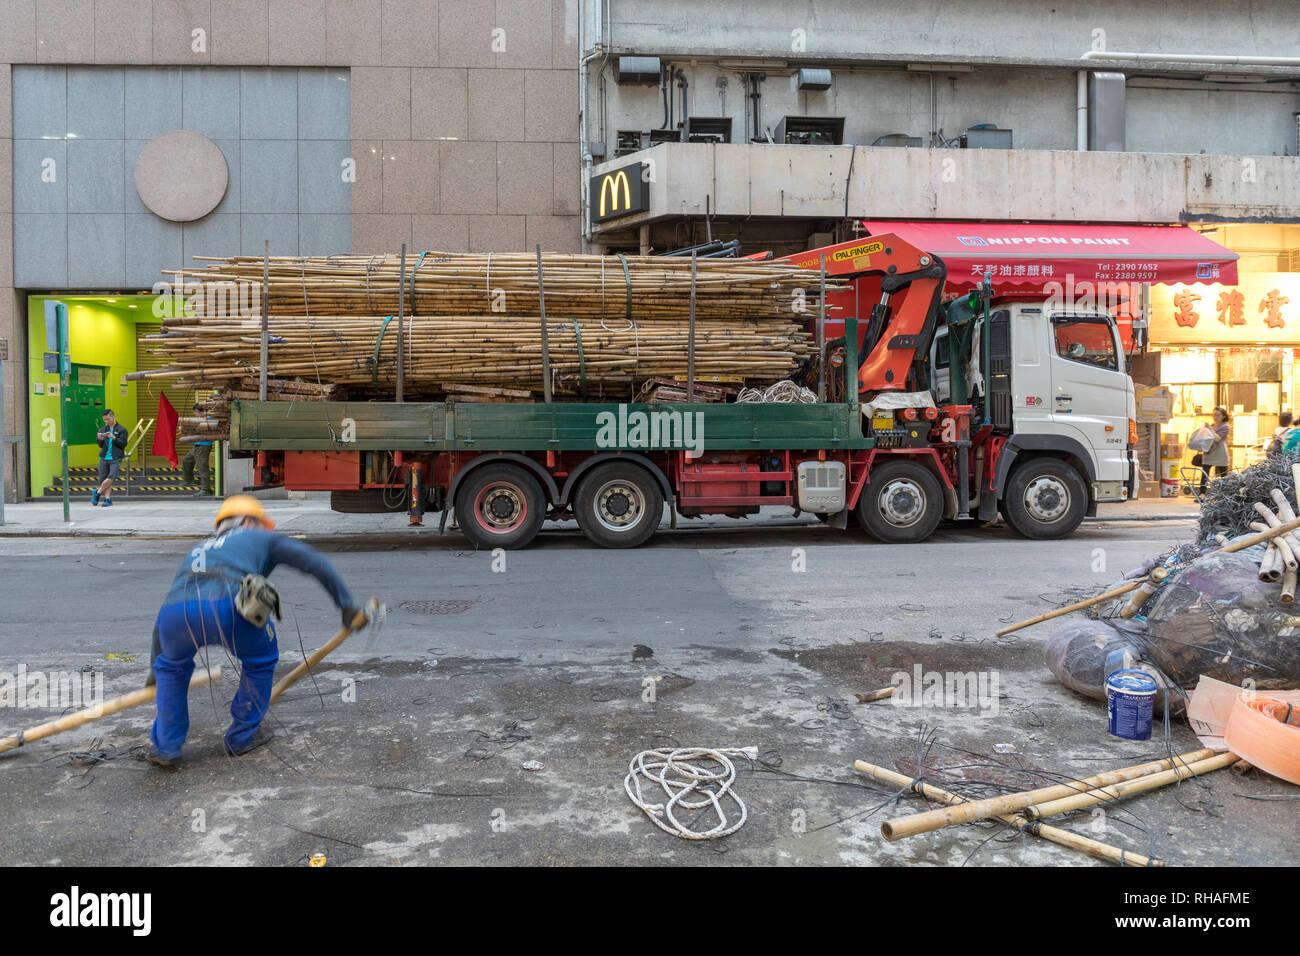 Kowloon, Hong Kong - April 22, 2017: Bamboo Scaffoldings at Truck in Mong Kok, Hong Kong, China. - Stock Image